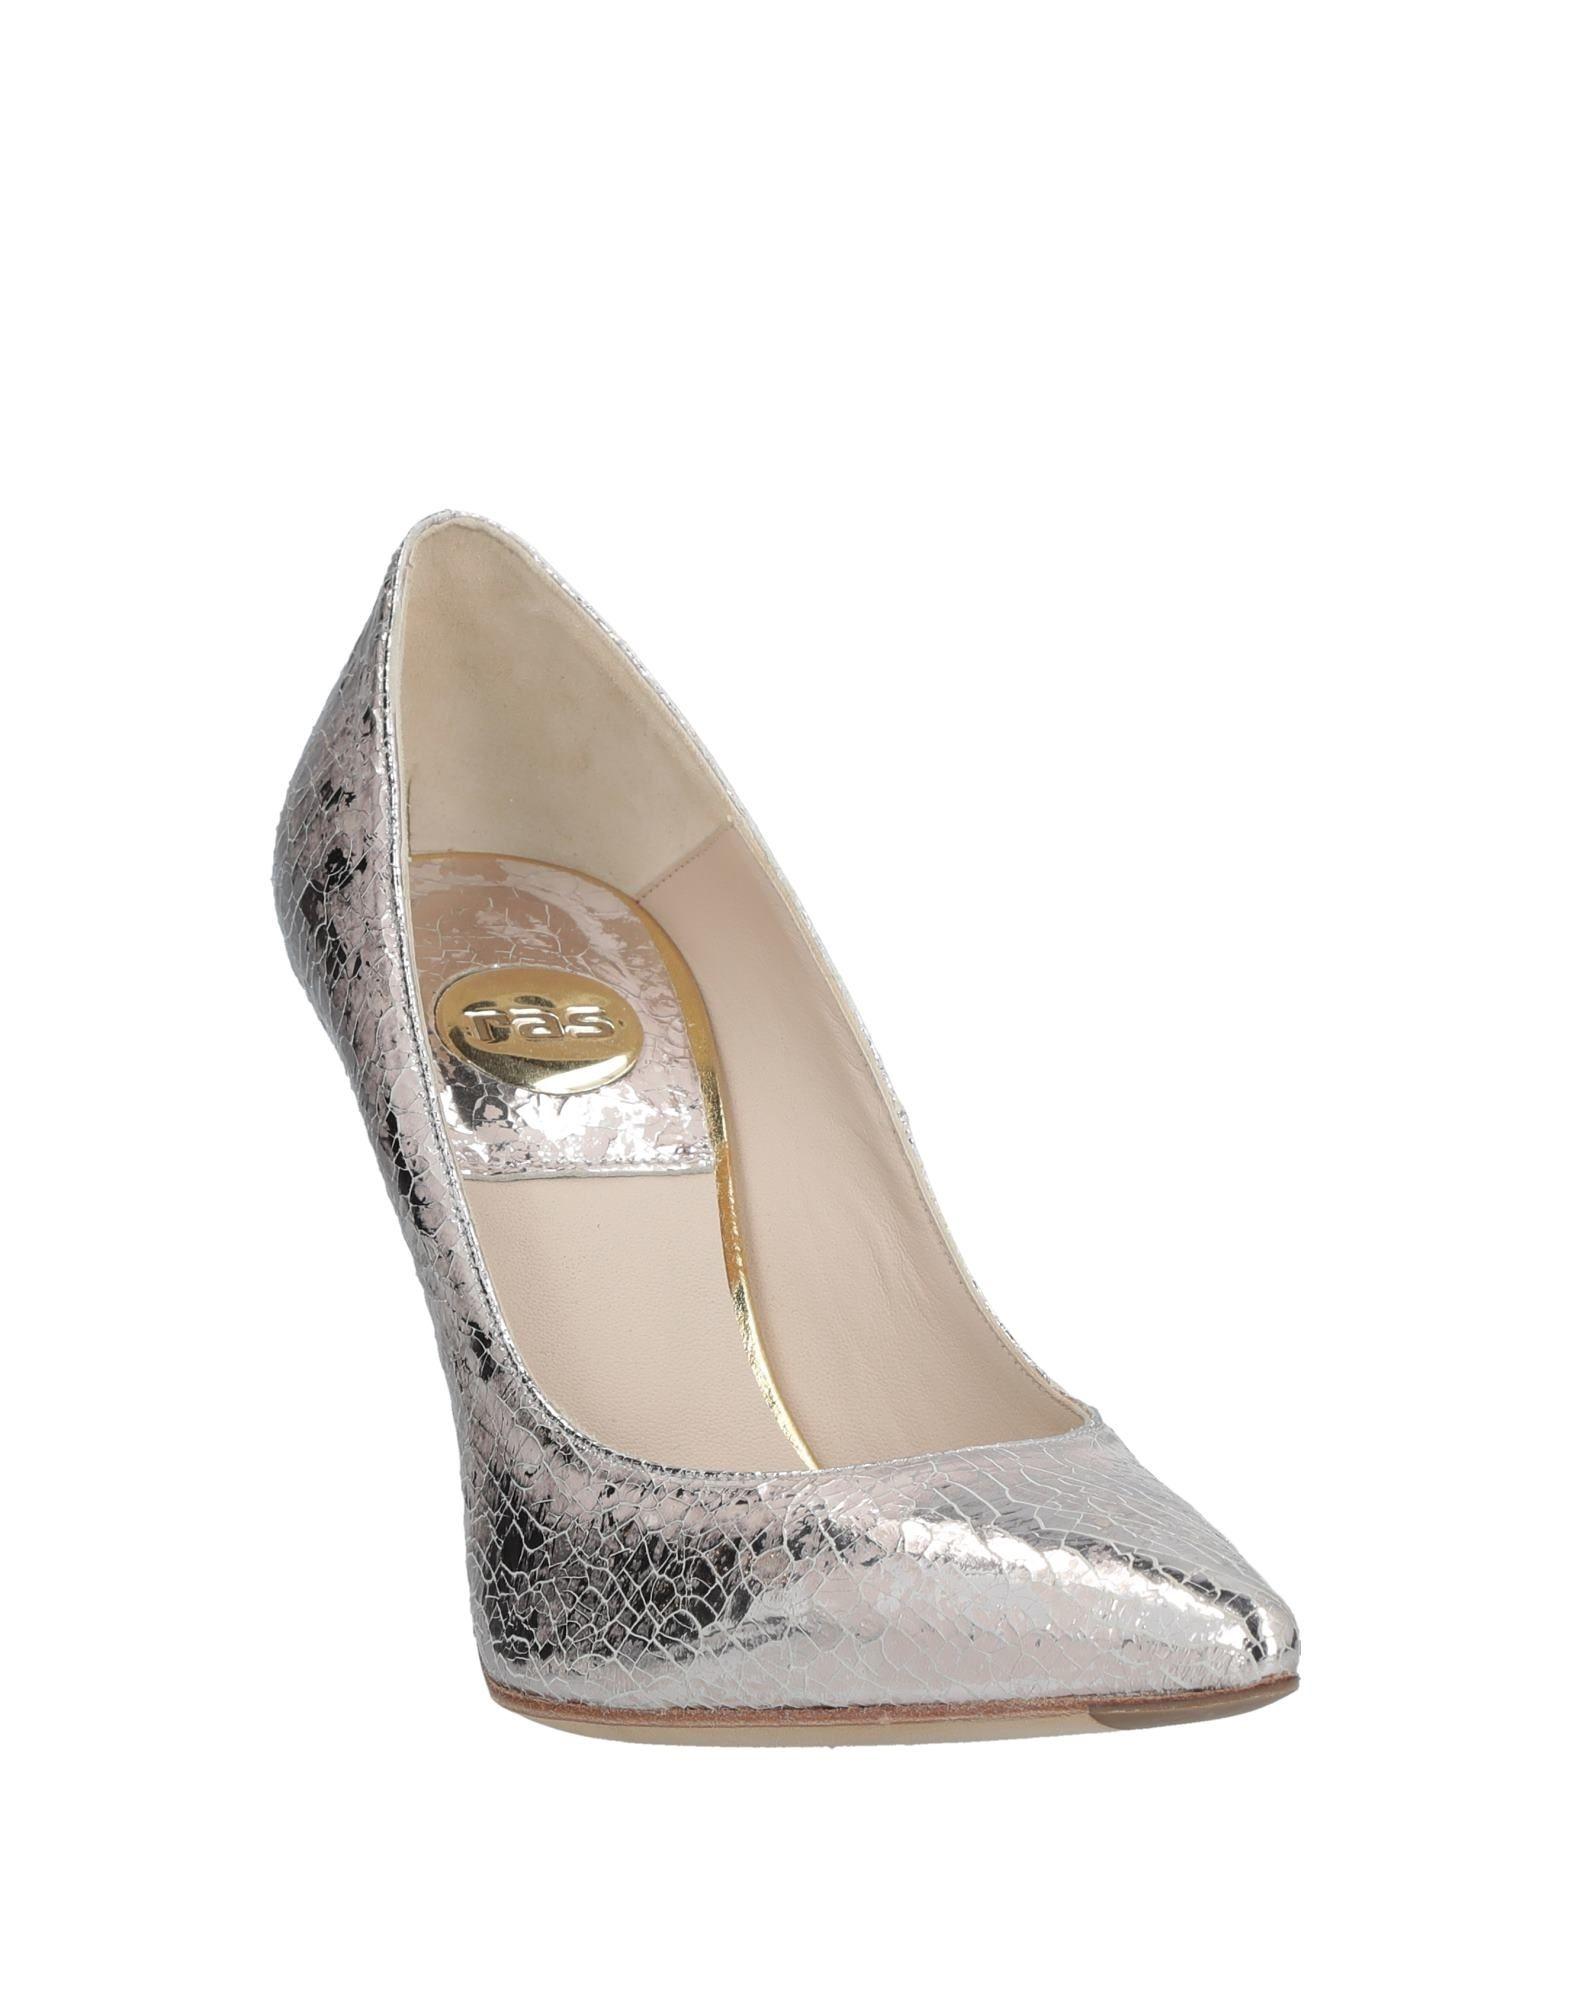 Ras Qualität Pumps Damen  11536447XP Gute Qualität Ras beliebte Schuhe 71e463